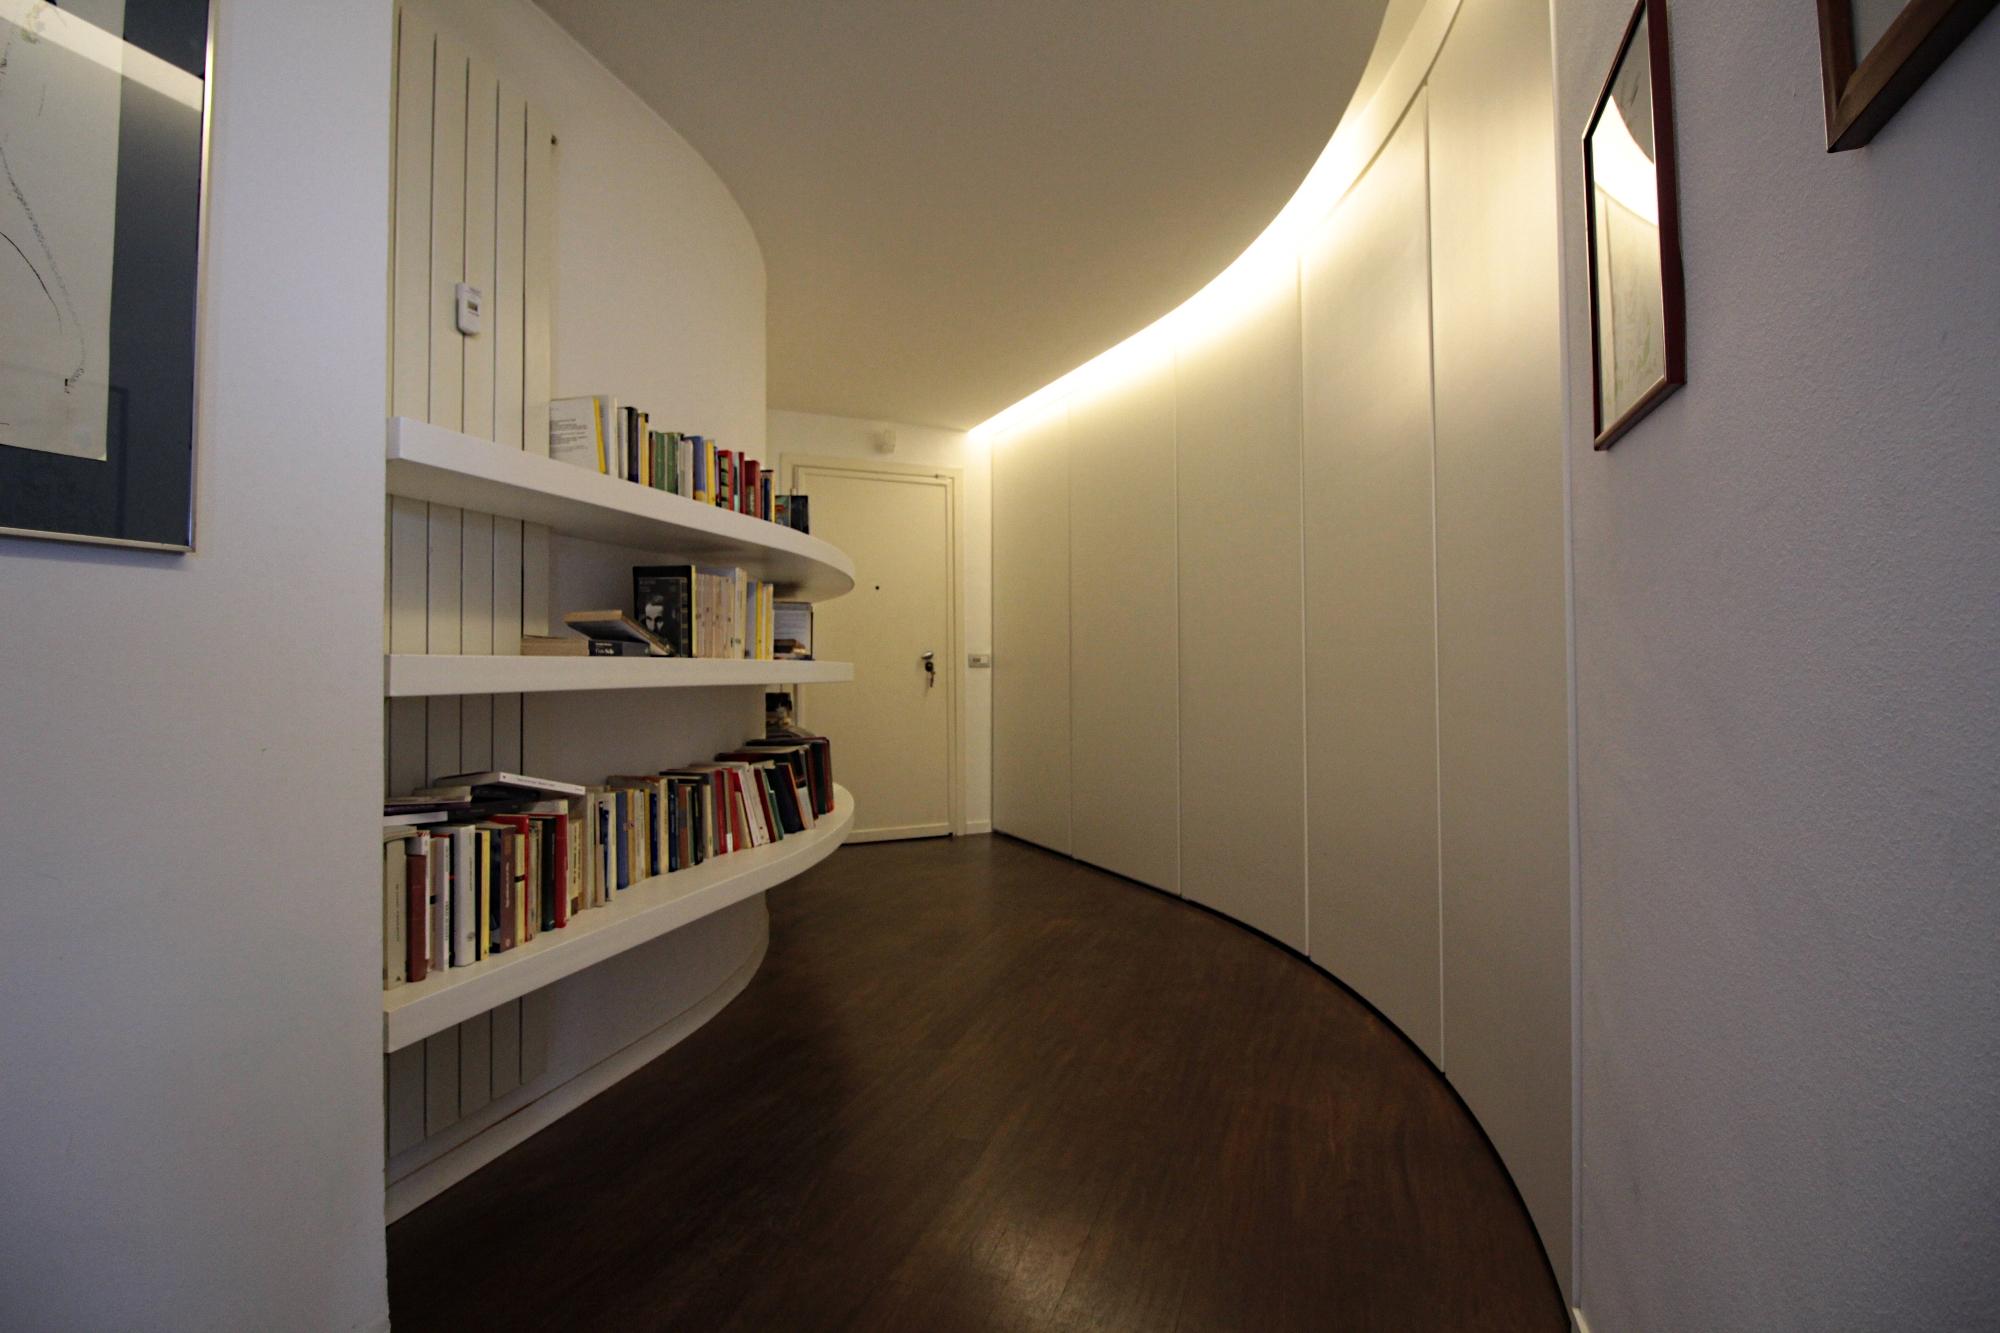 Gallery falegnameria fallacara for Mensole curve